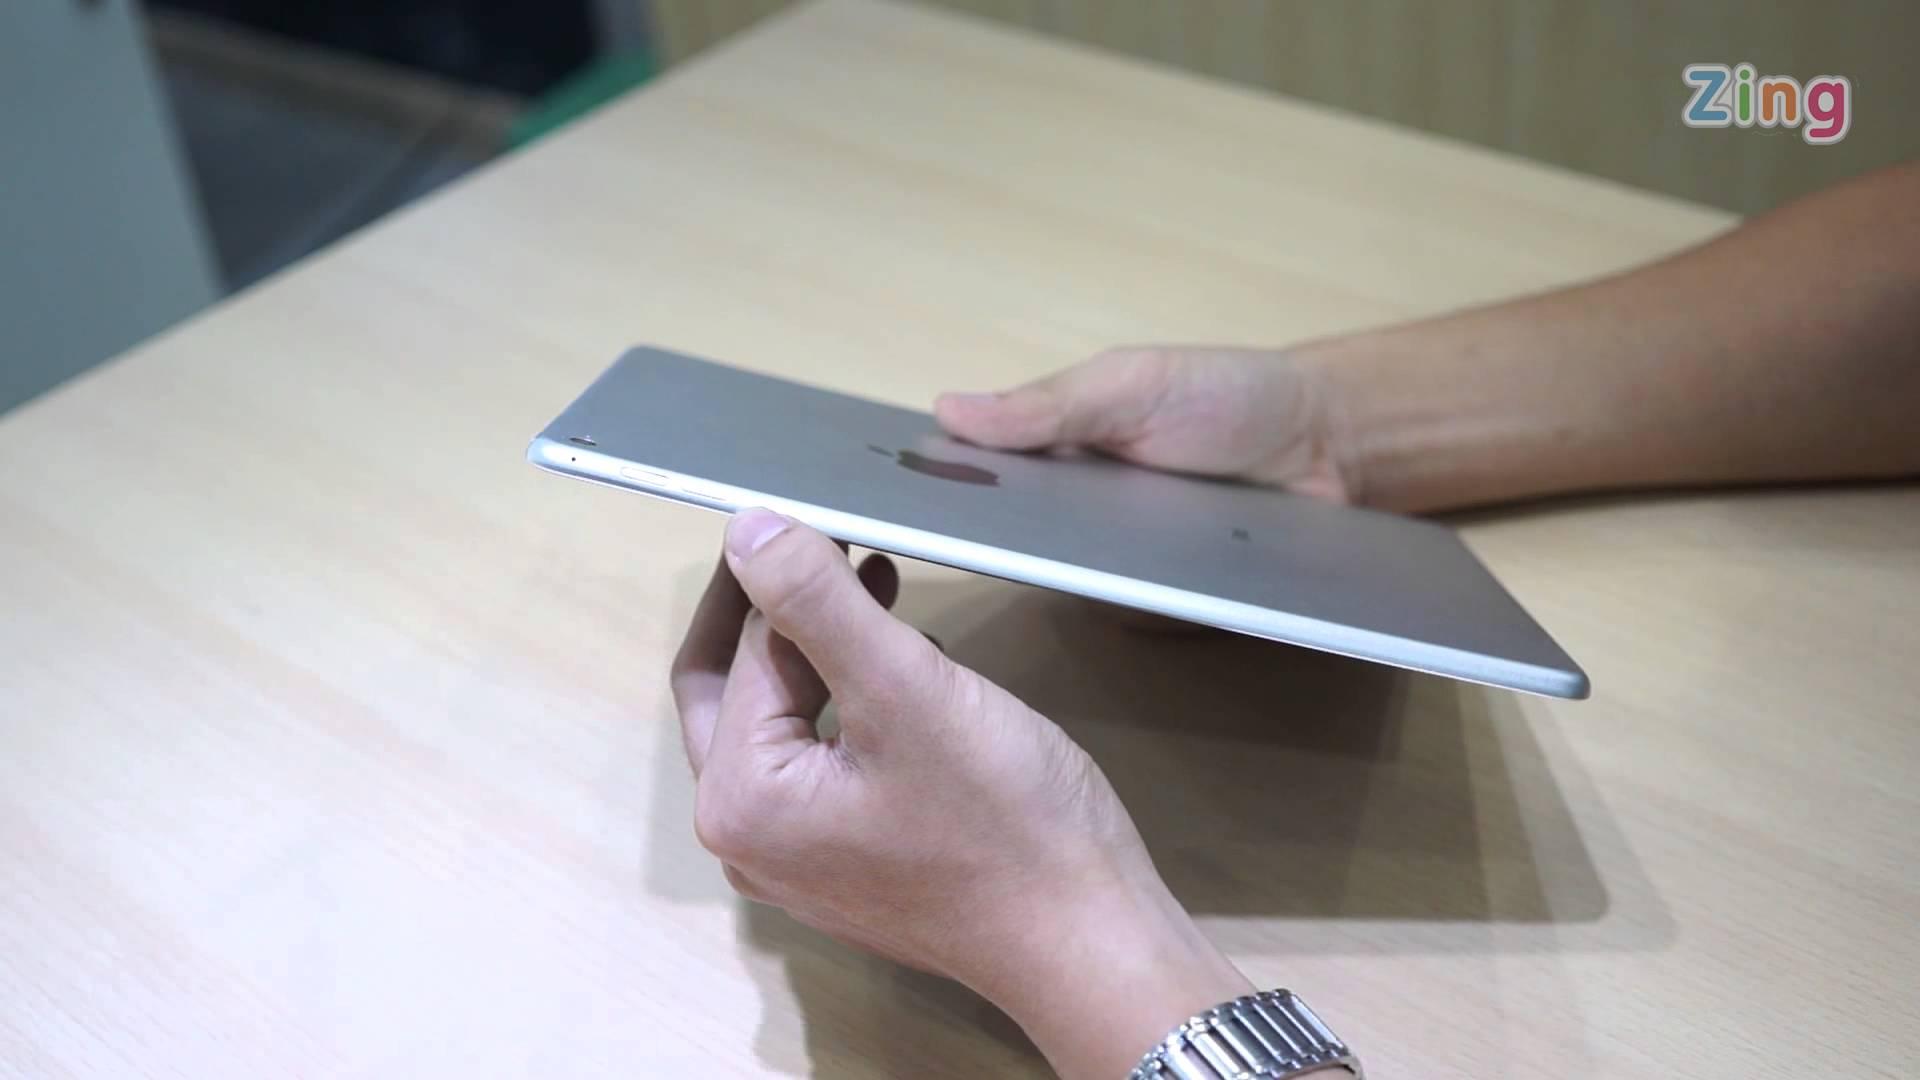 Fuite du nouveau iPad sur un blogue vietnamien, lancement prévu le 16 octobre.